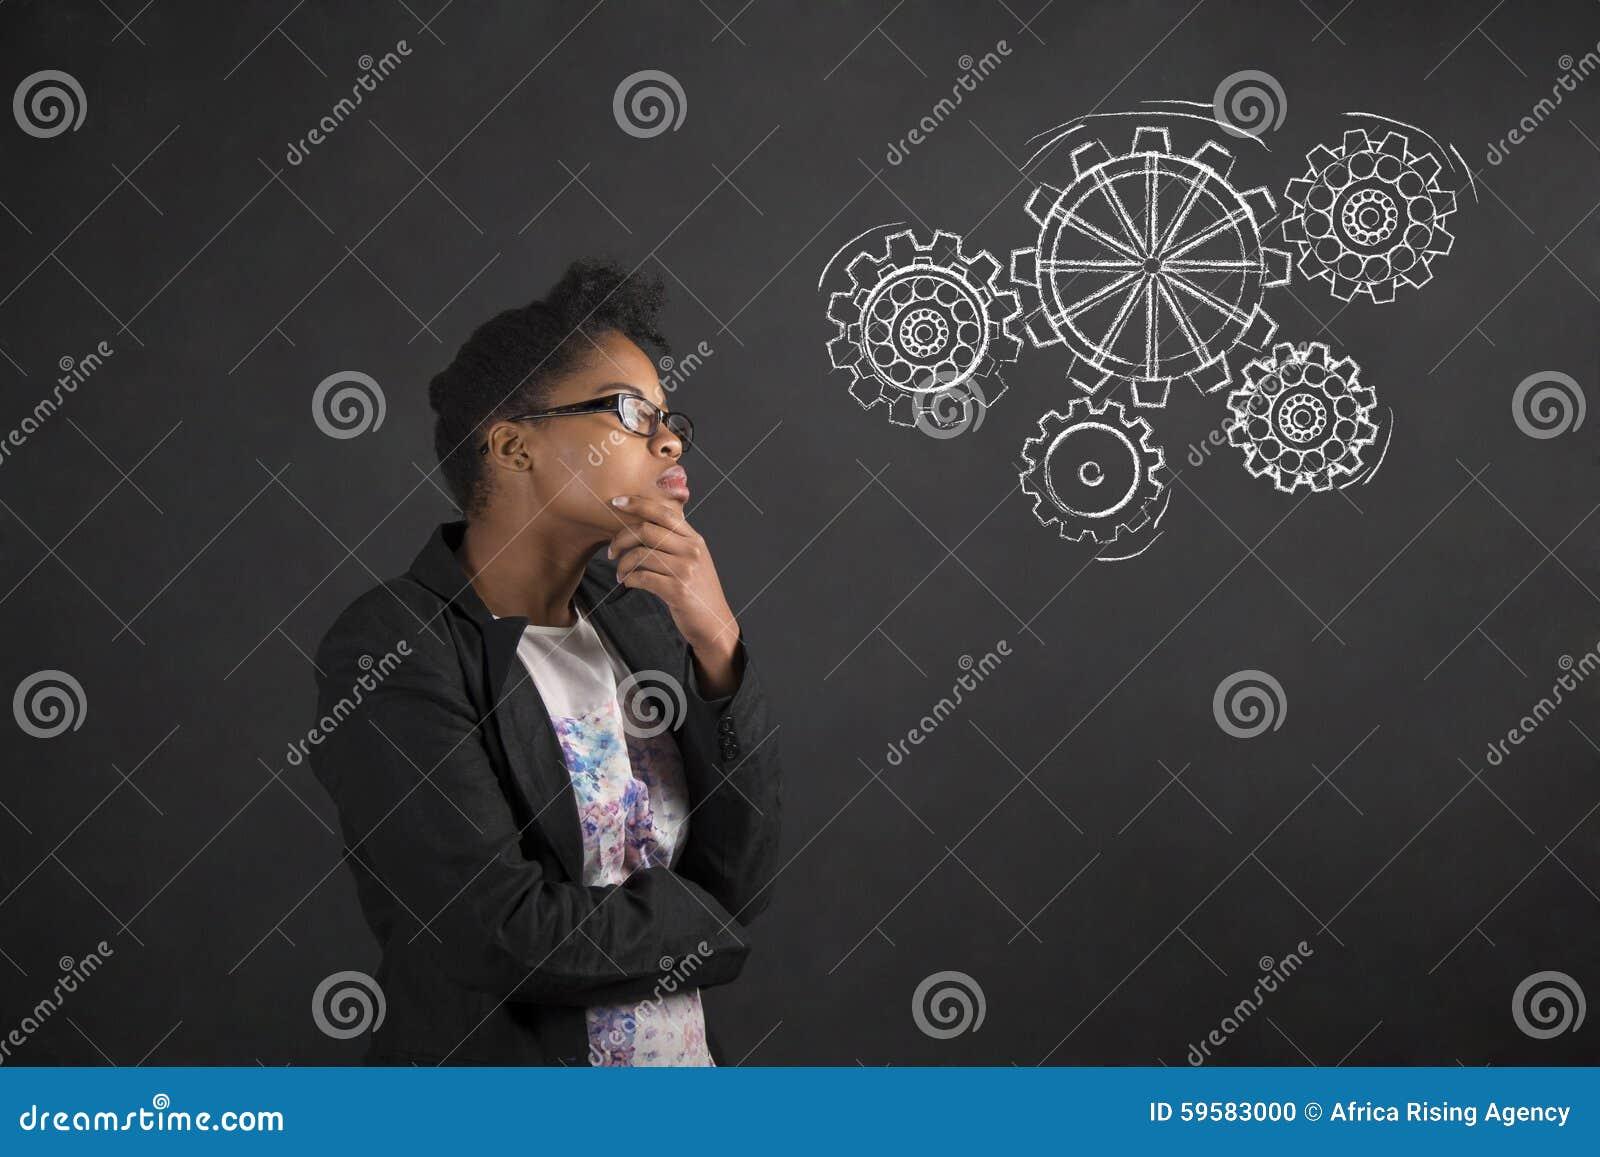 Afrikansk kvinna med handen på hakan som tänker med kugghjul på svart tavlabakgrund